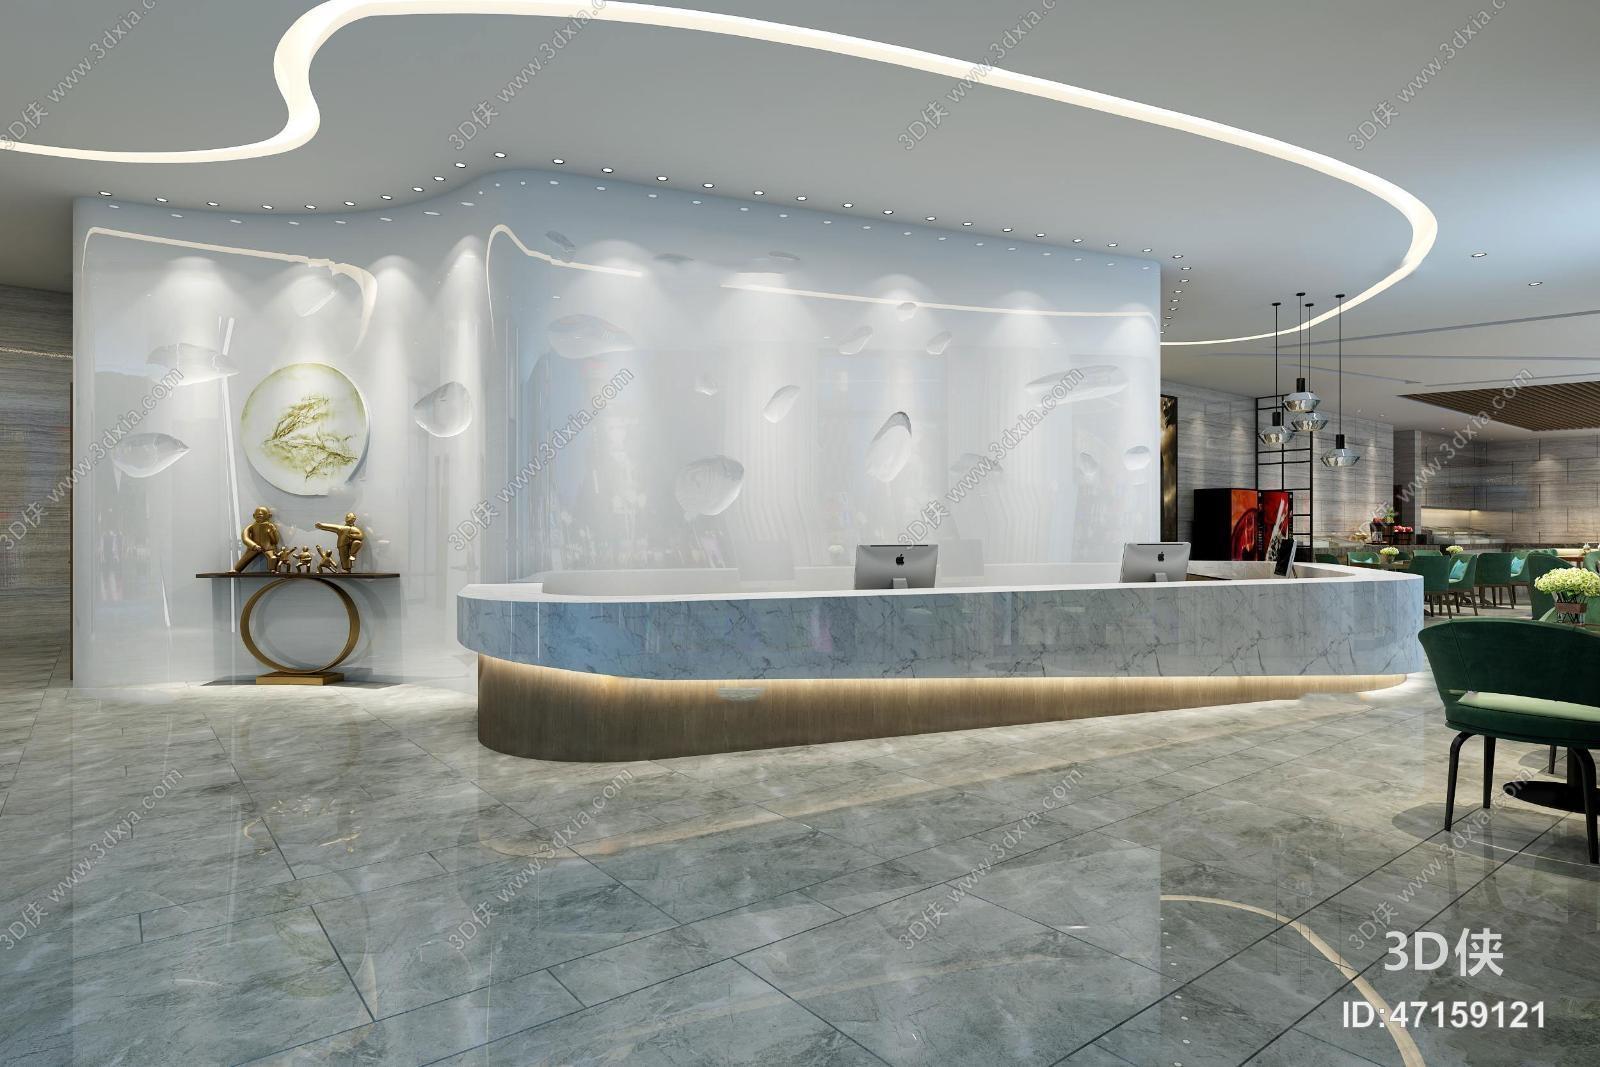 图素材免费下载,本作品主题是现代酒店大堂服务台大堂吧休息区3d模型